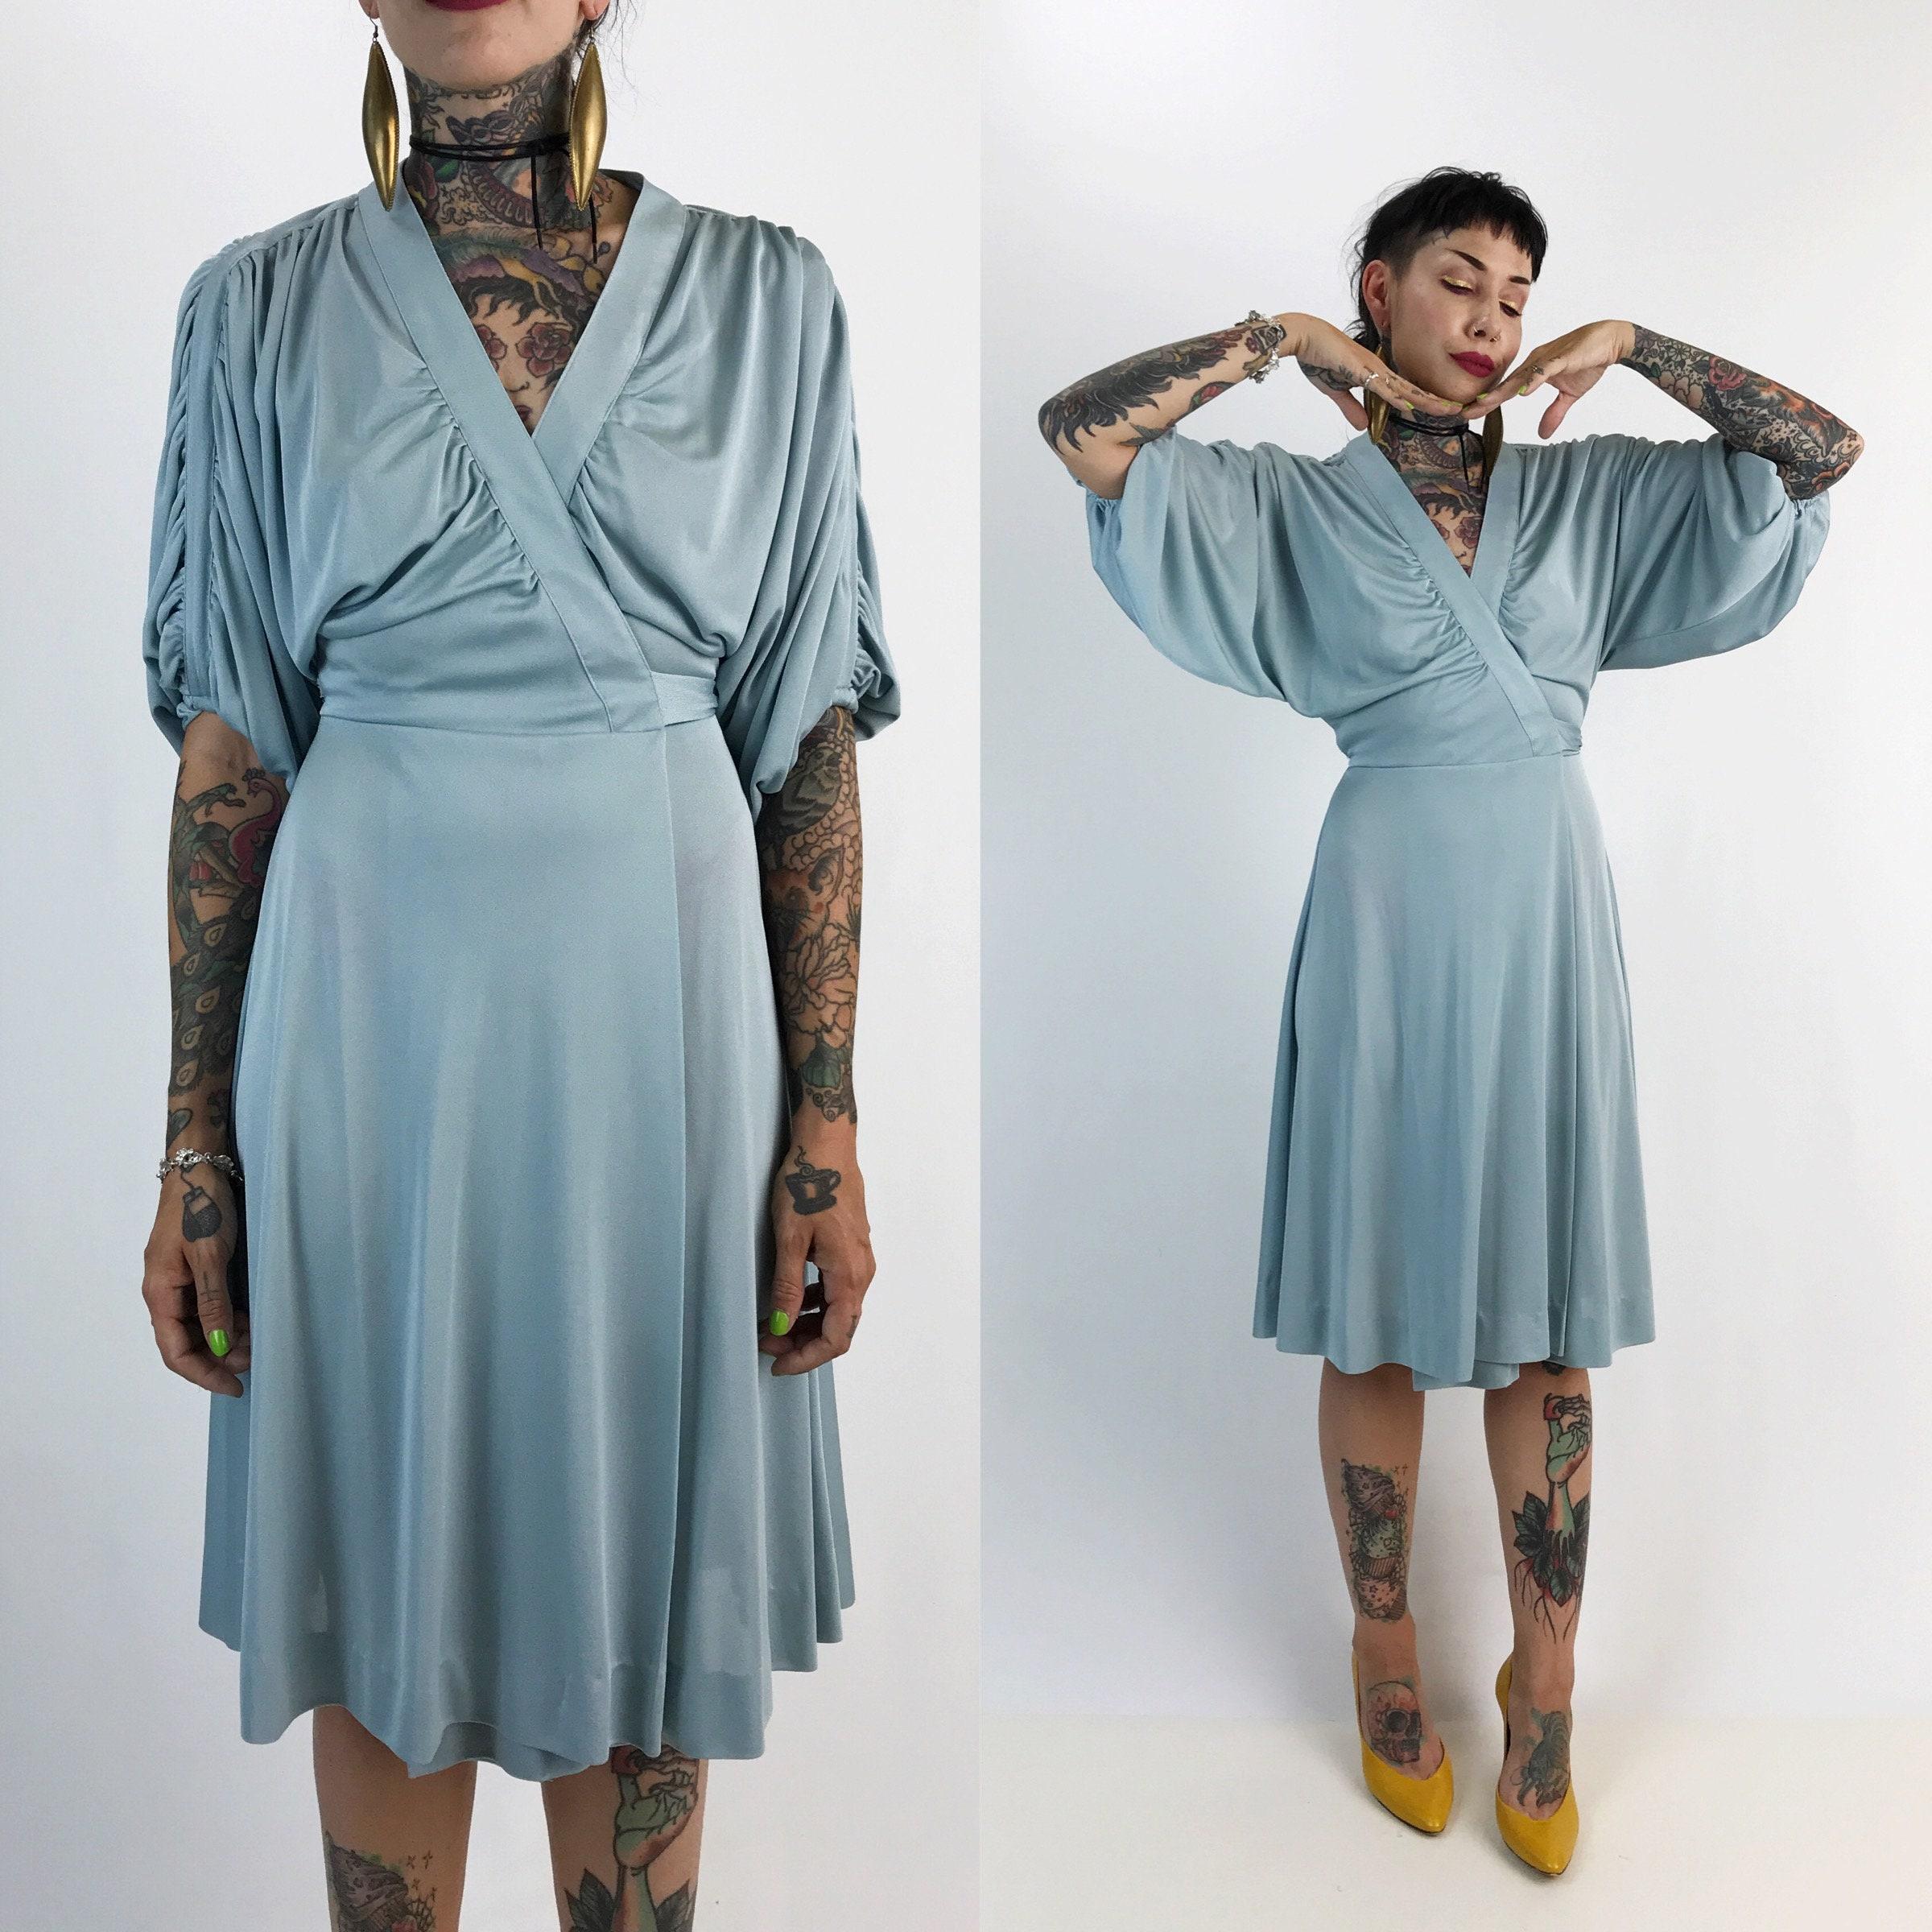 Powder Blue Knee Length Dress